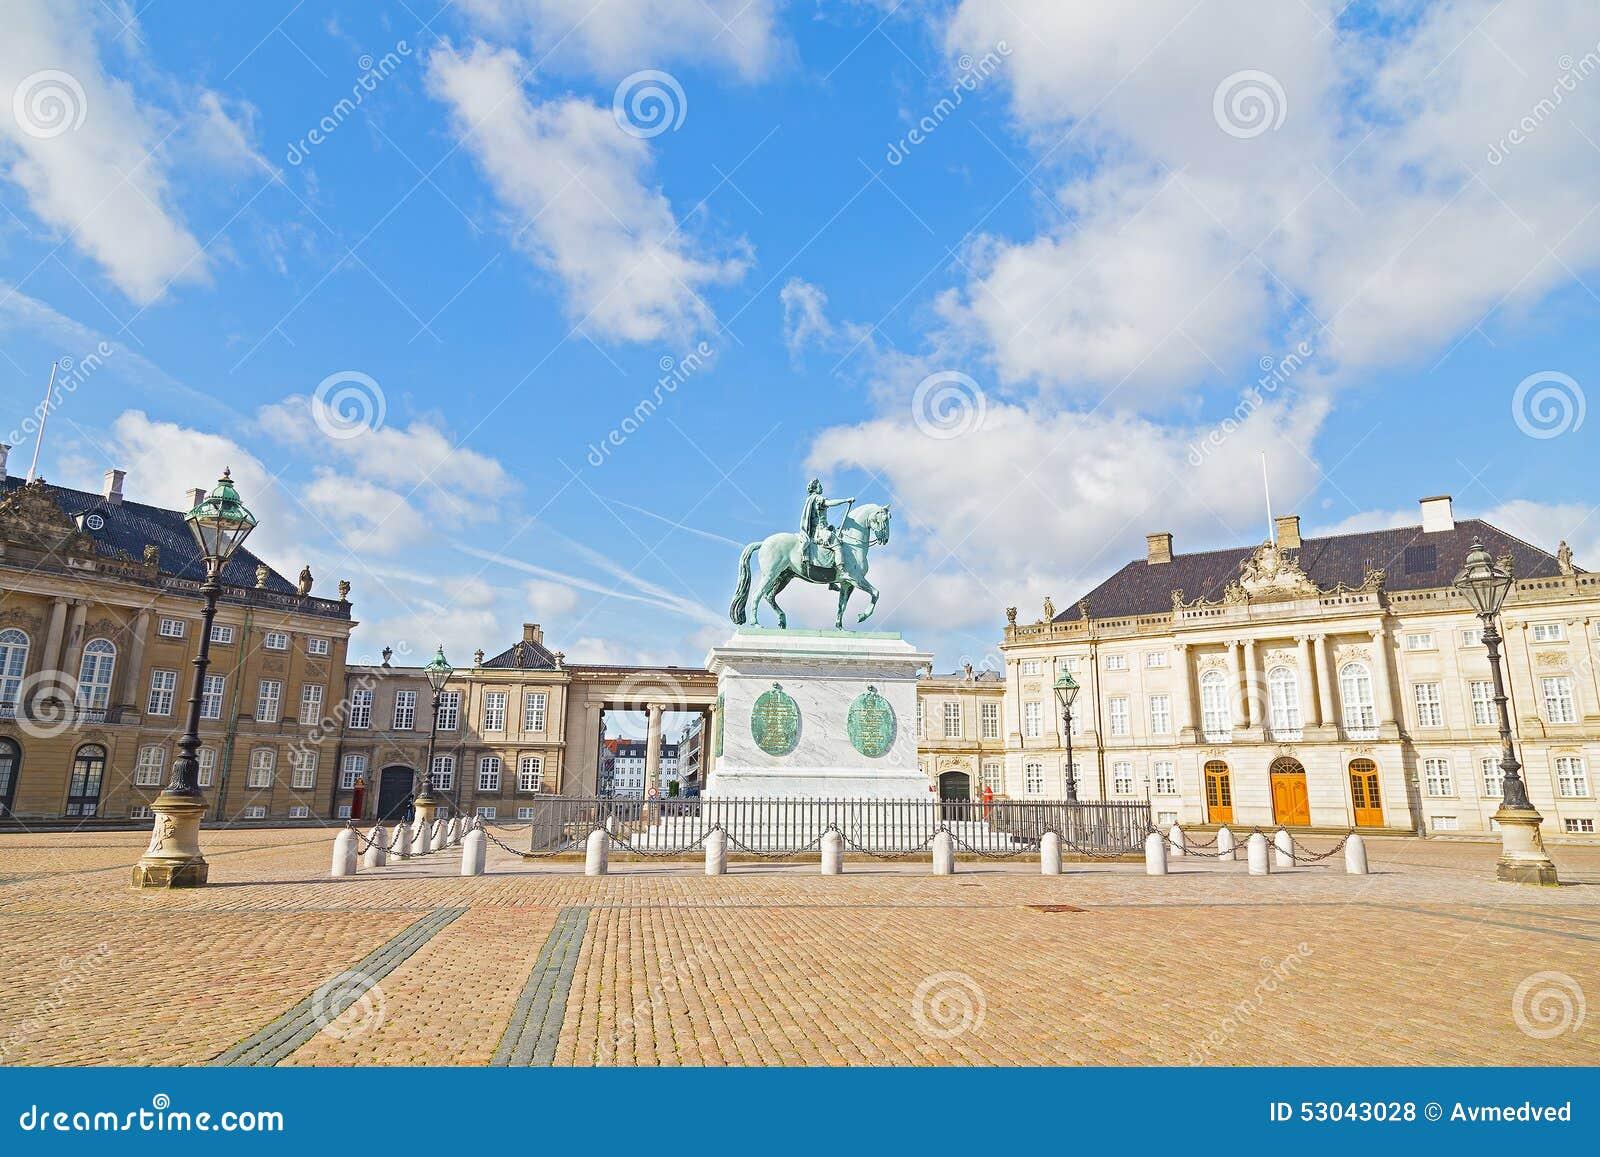 Amalienborg-Palast mit einem achteckigen Hofquadrat und Statue in Kopenhagen, Dänemark